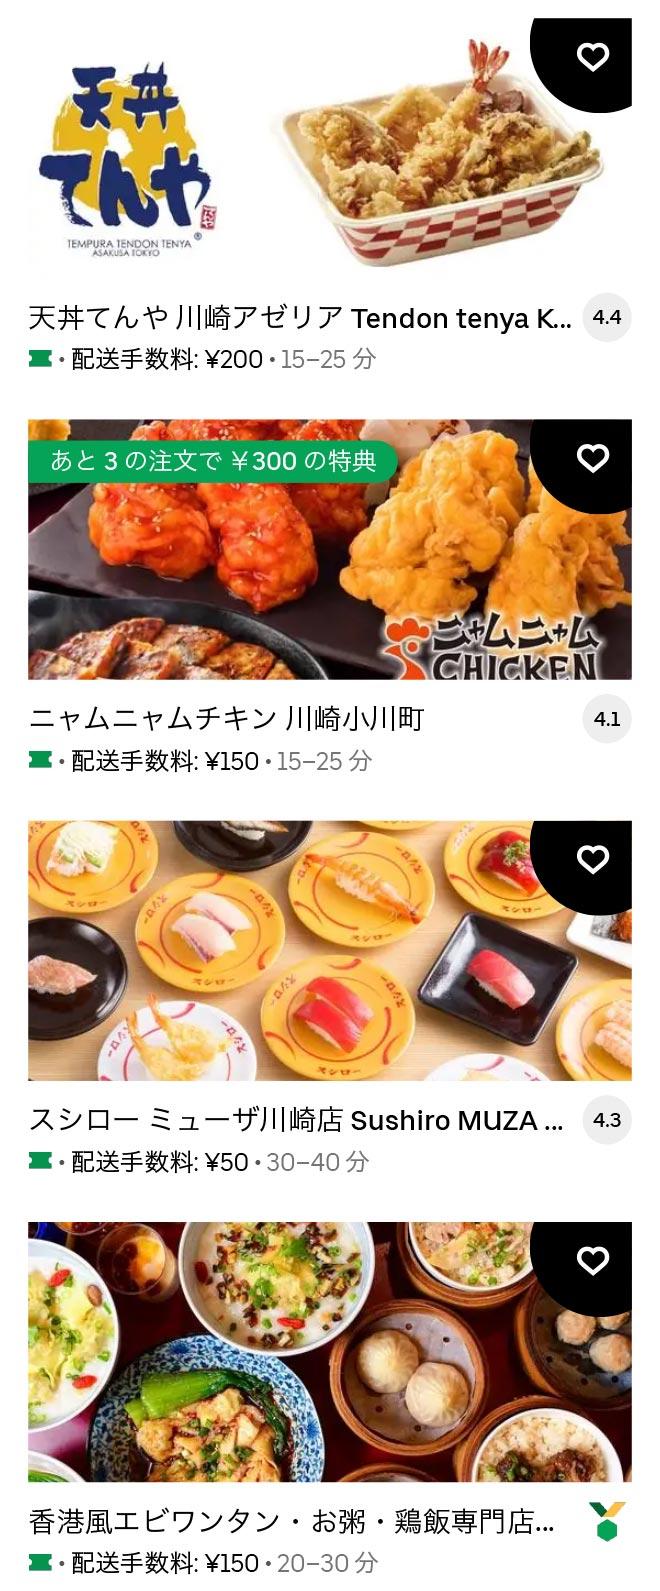 1 u kawasaki 2105 11